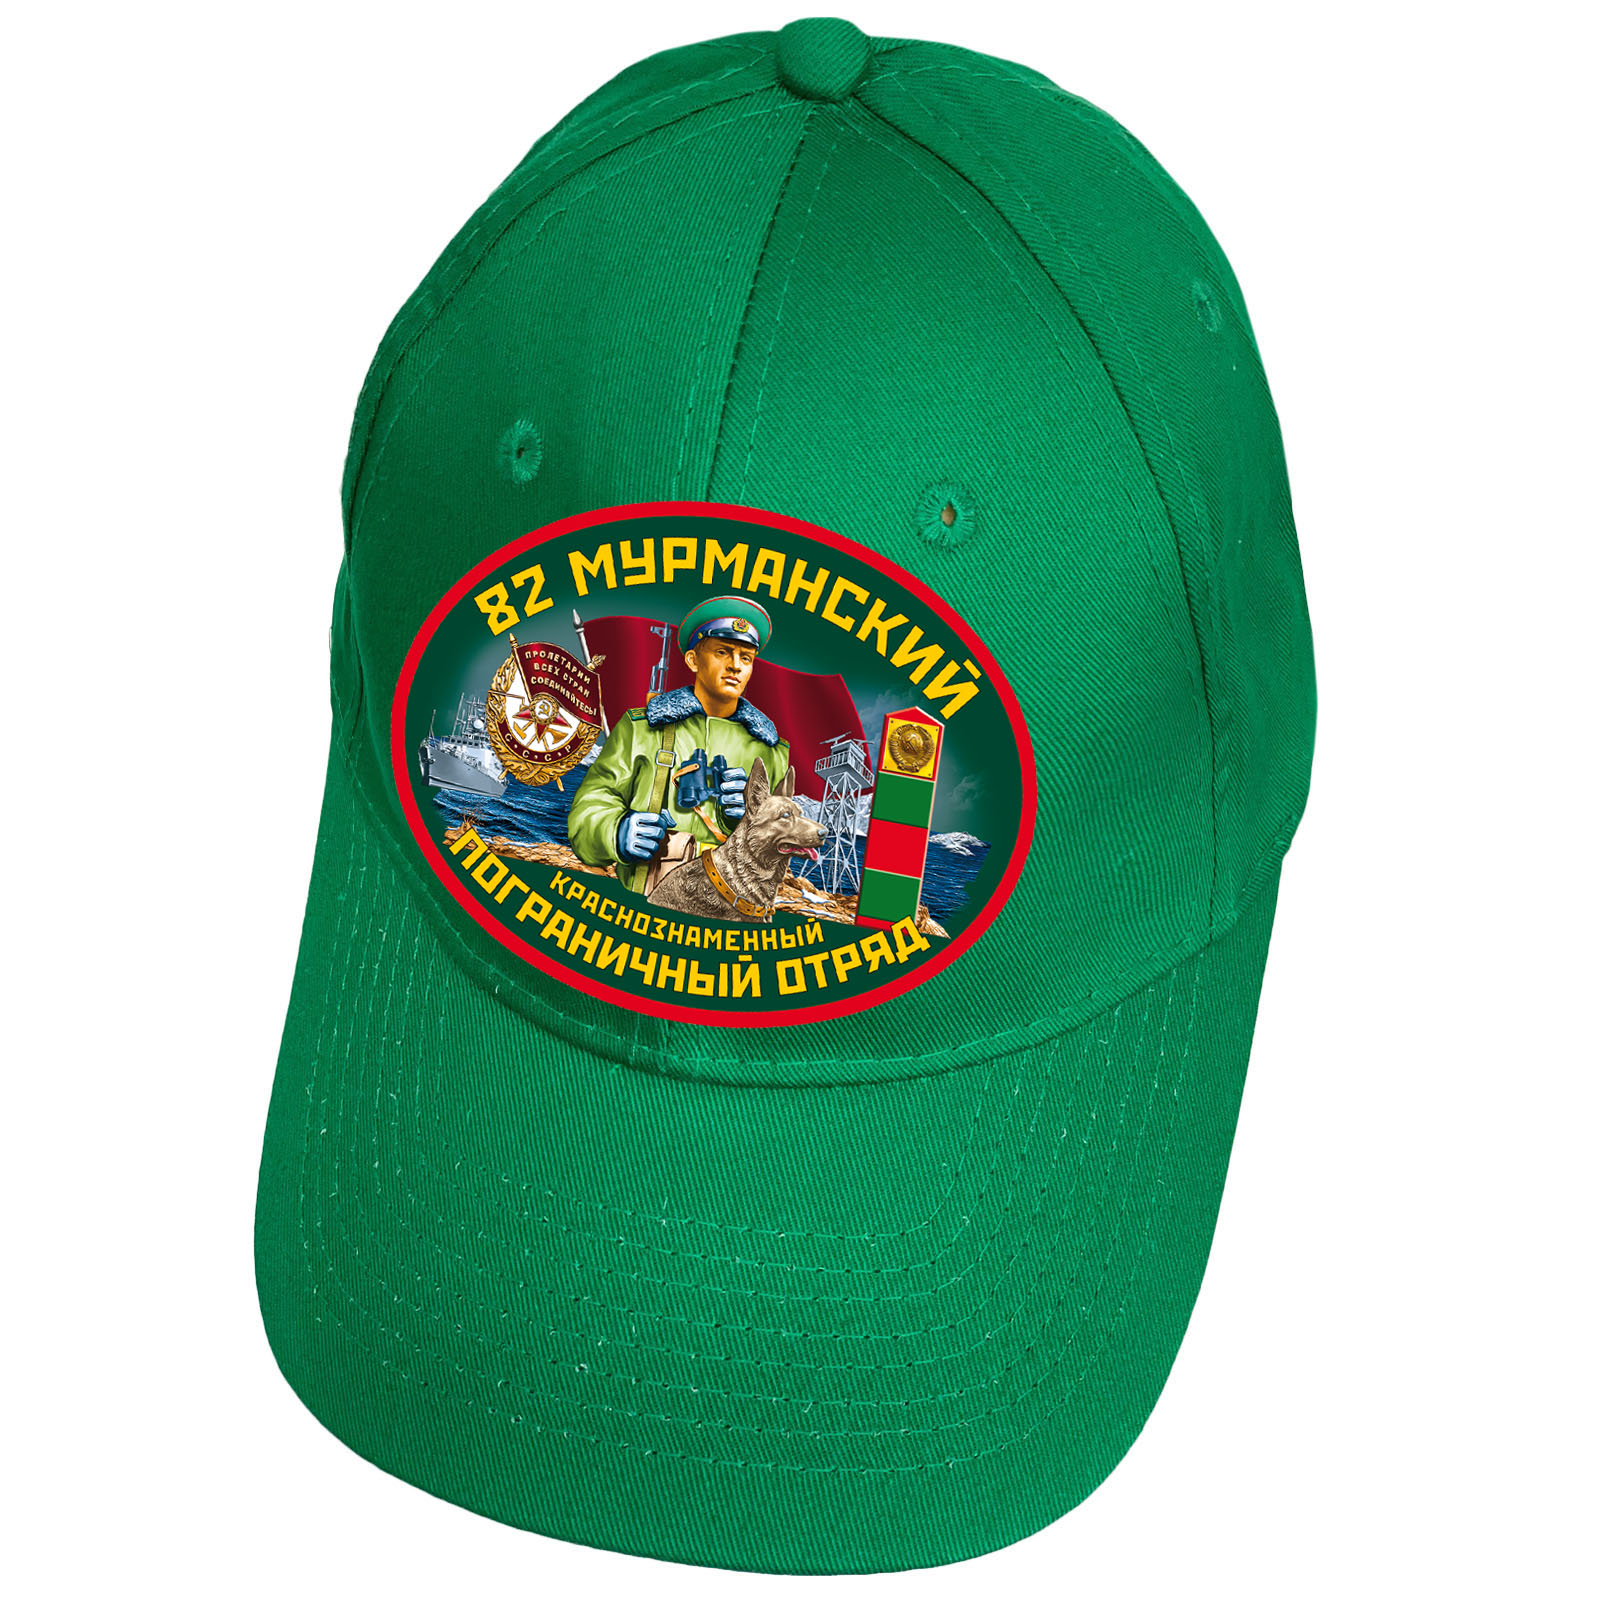 Зелёная кепка 82 Мурманский пограничный отряд